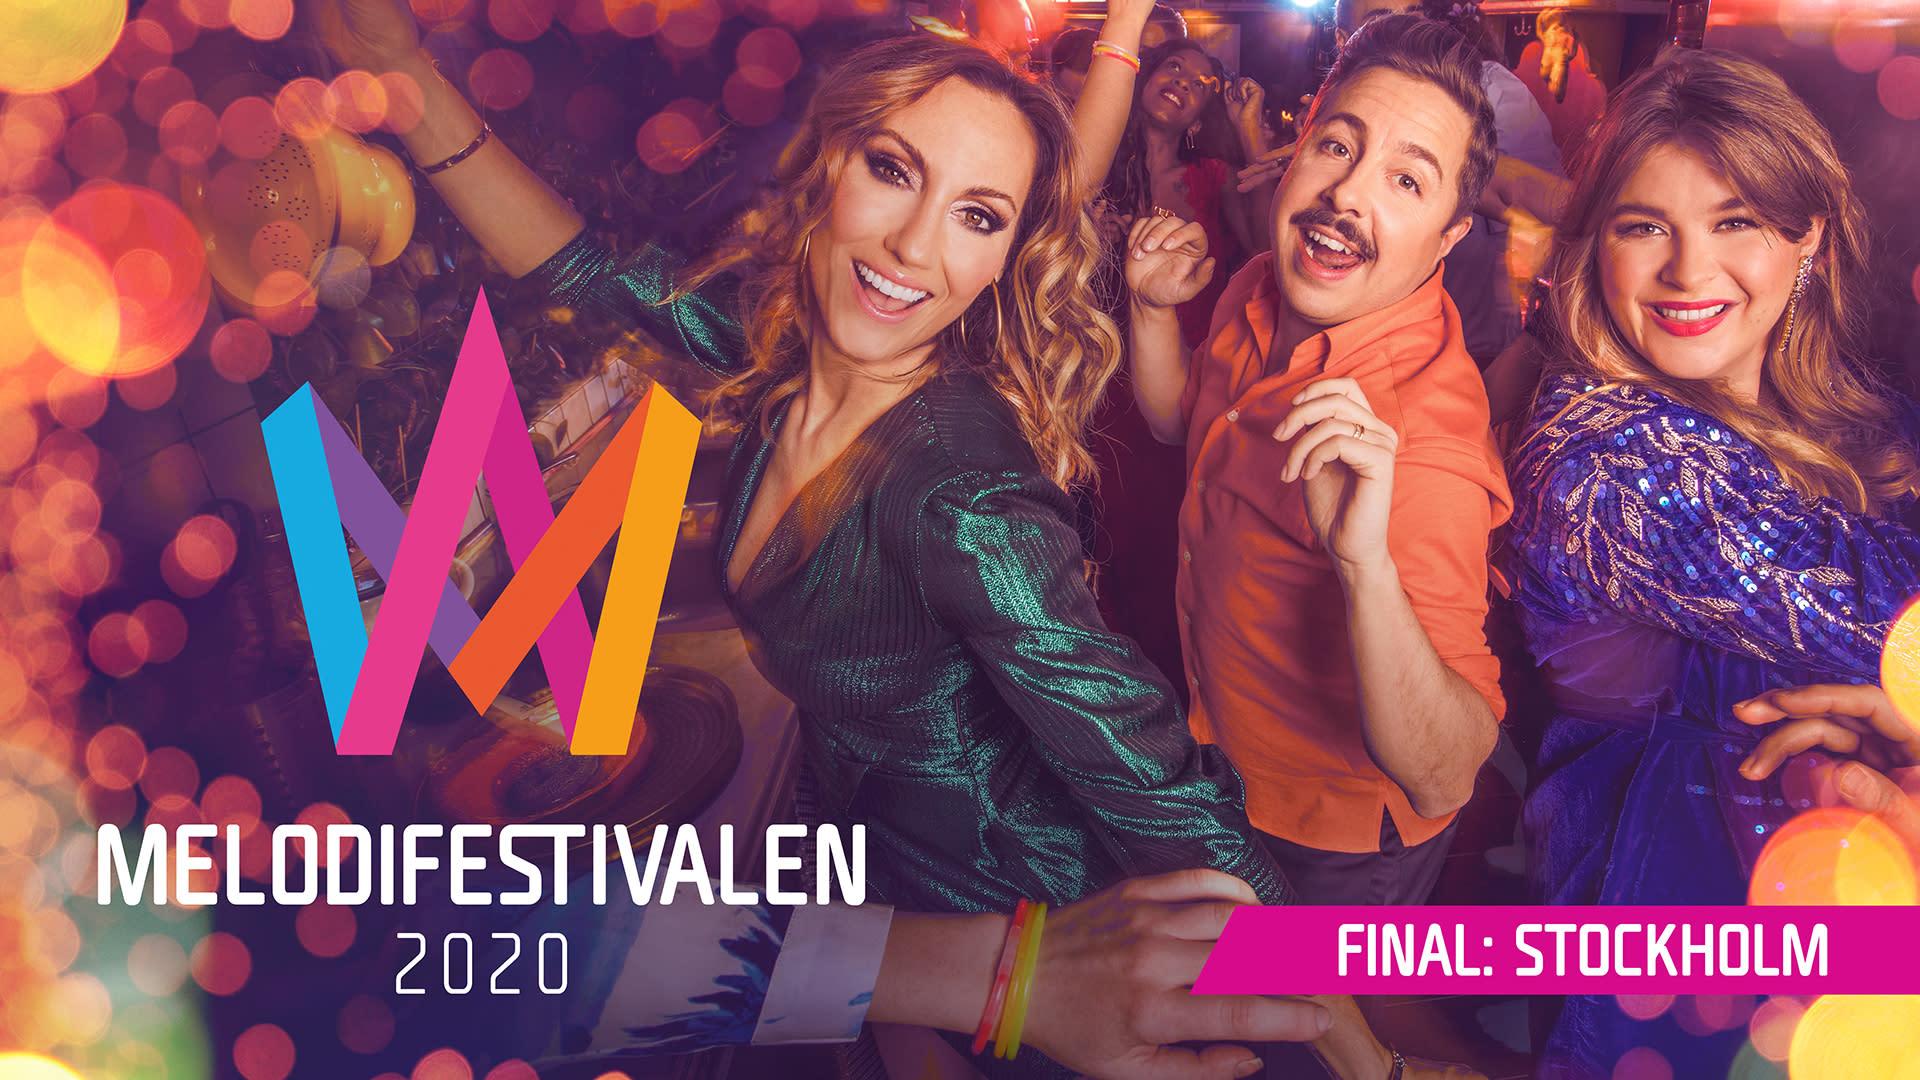 Melodifestivalen 2020 Tickets, Tour & Concert Information